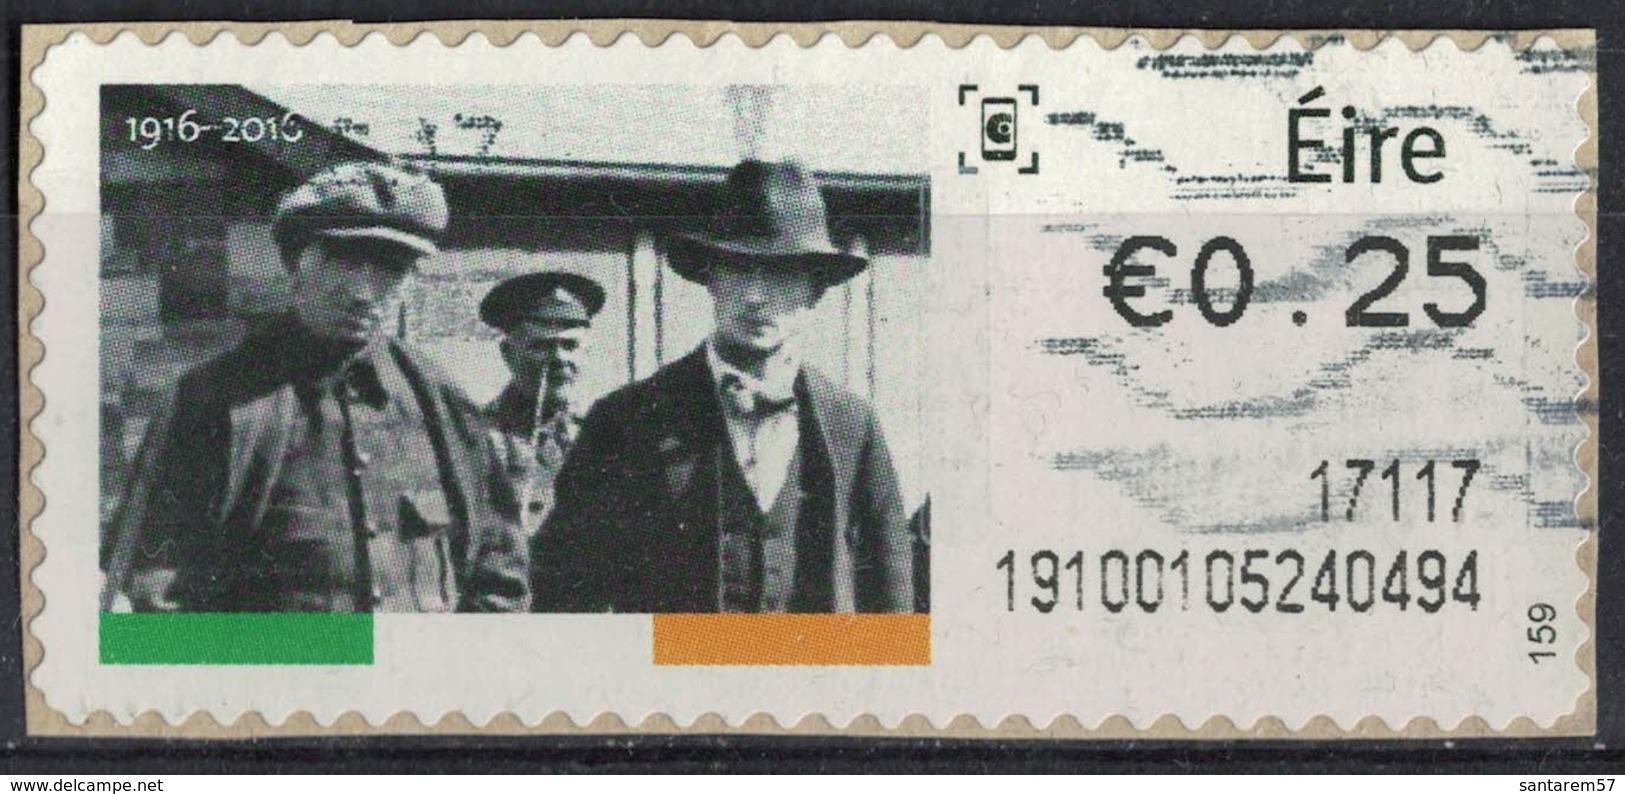 Irlande Vignette Oblitérée Deux Prisonniers Non Identifiés Sous Escorte Policière Insurrection De Pâques SU - Vignettes D'affranchissement (Frama)